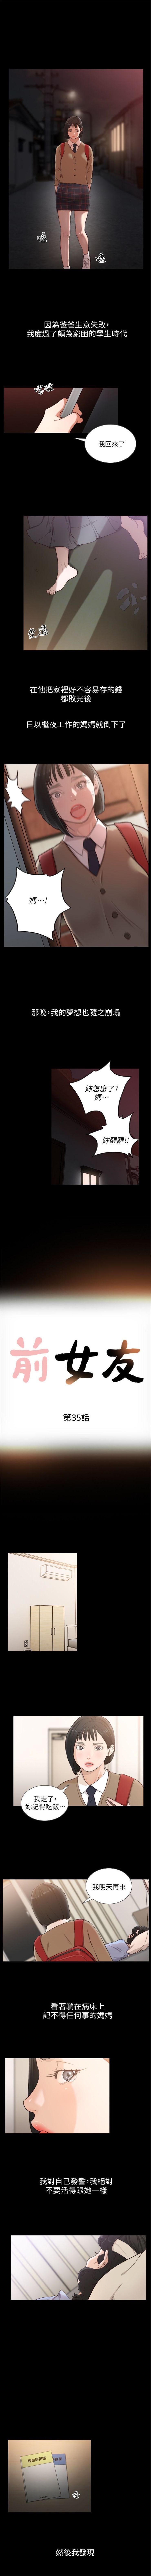 前女友 1-48 中文翻译(更新中) 183